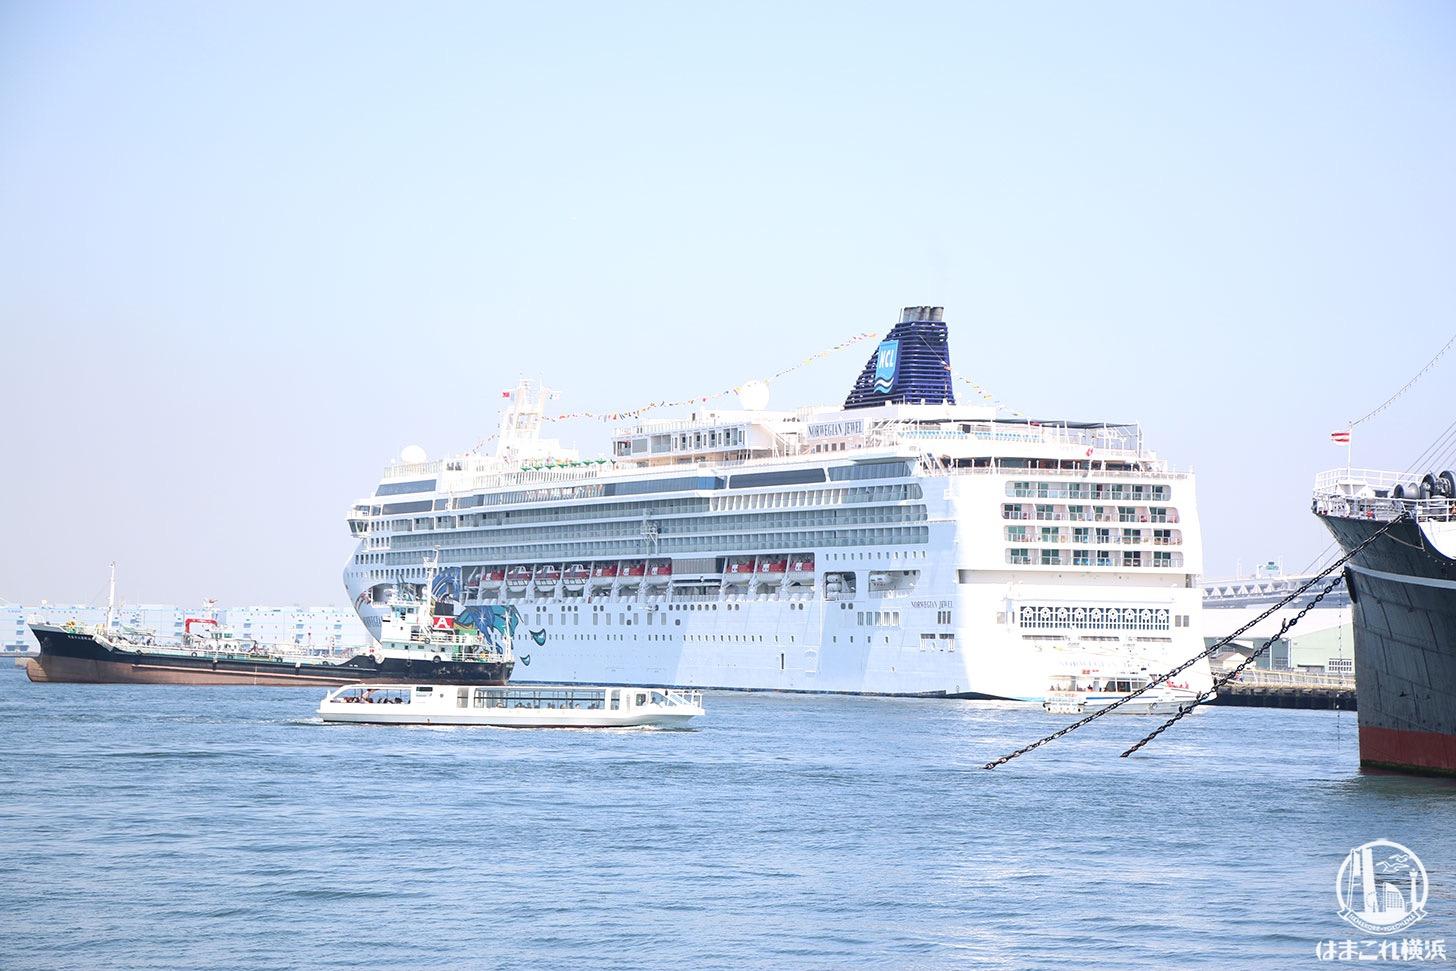 2020年 横浜港に14隻の客船が初入港!ゴールデンウィークには6隻同時着岸